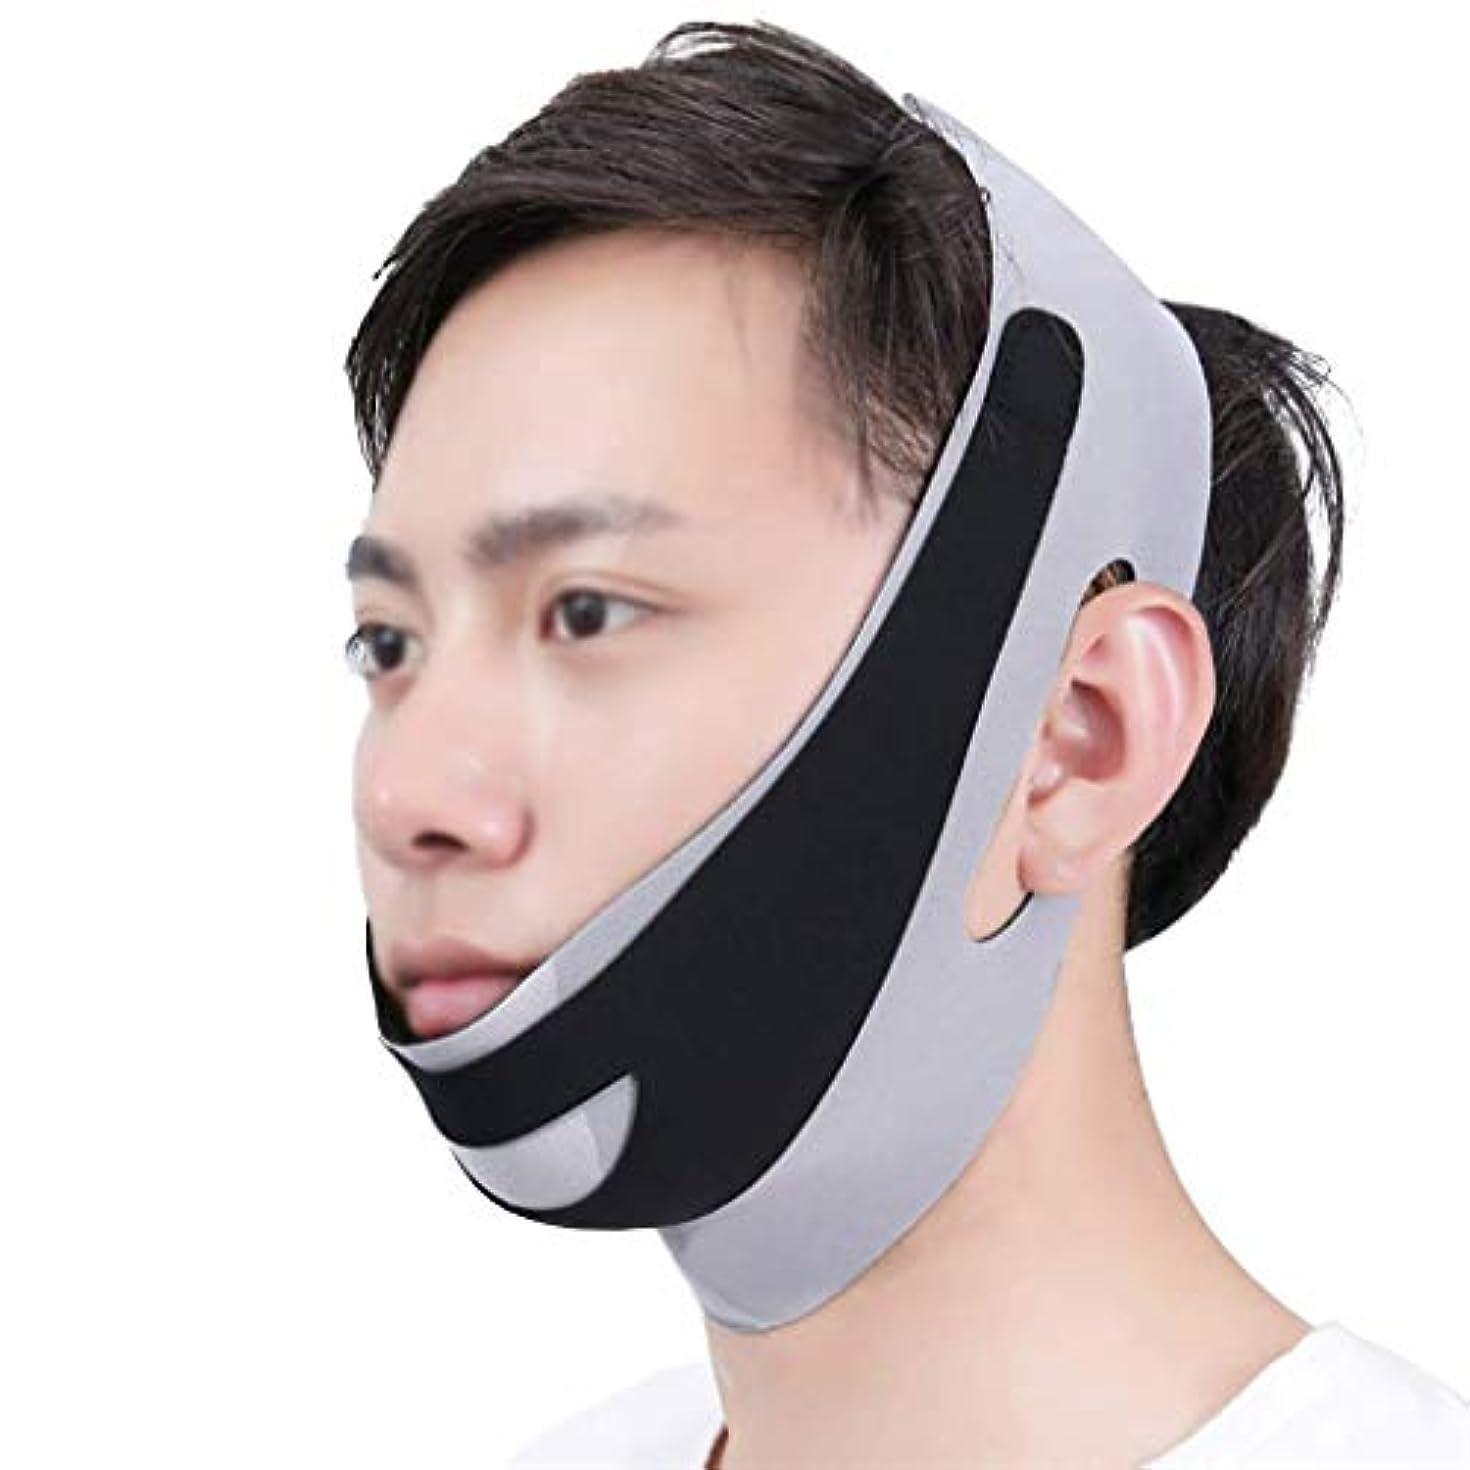 食い違い糞グラム顔と首のリフト術後の弾性フェイスマスク小さなV顔アーティファクト薄い顔包帯アーティファクトV顔ぶら下げ耳リフティング引き締め男性の顔アーティファクト